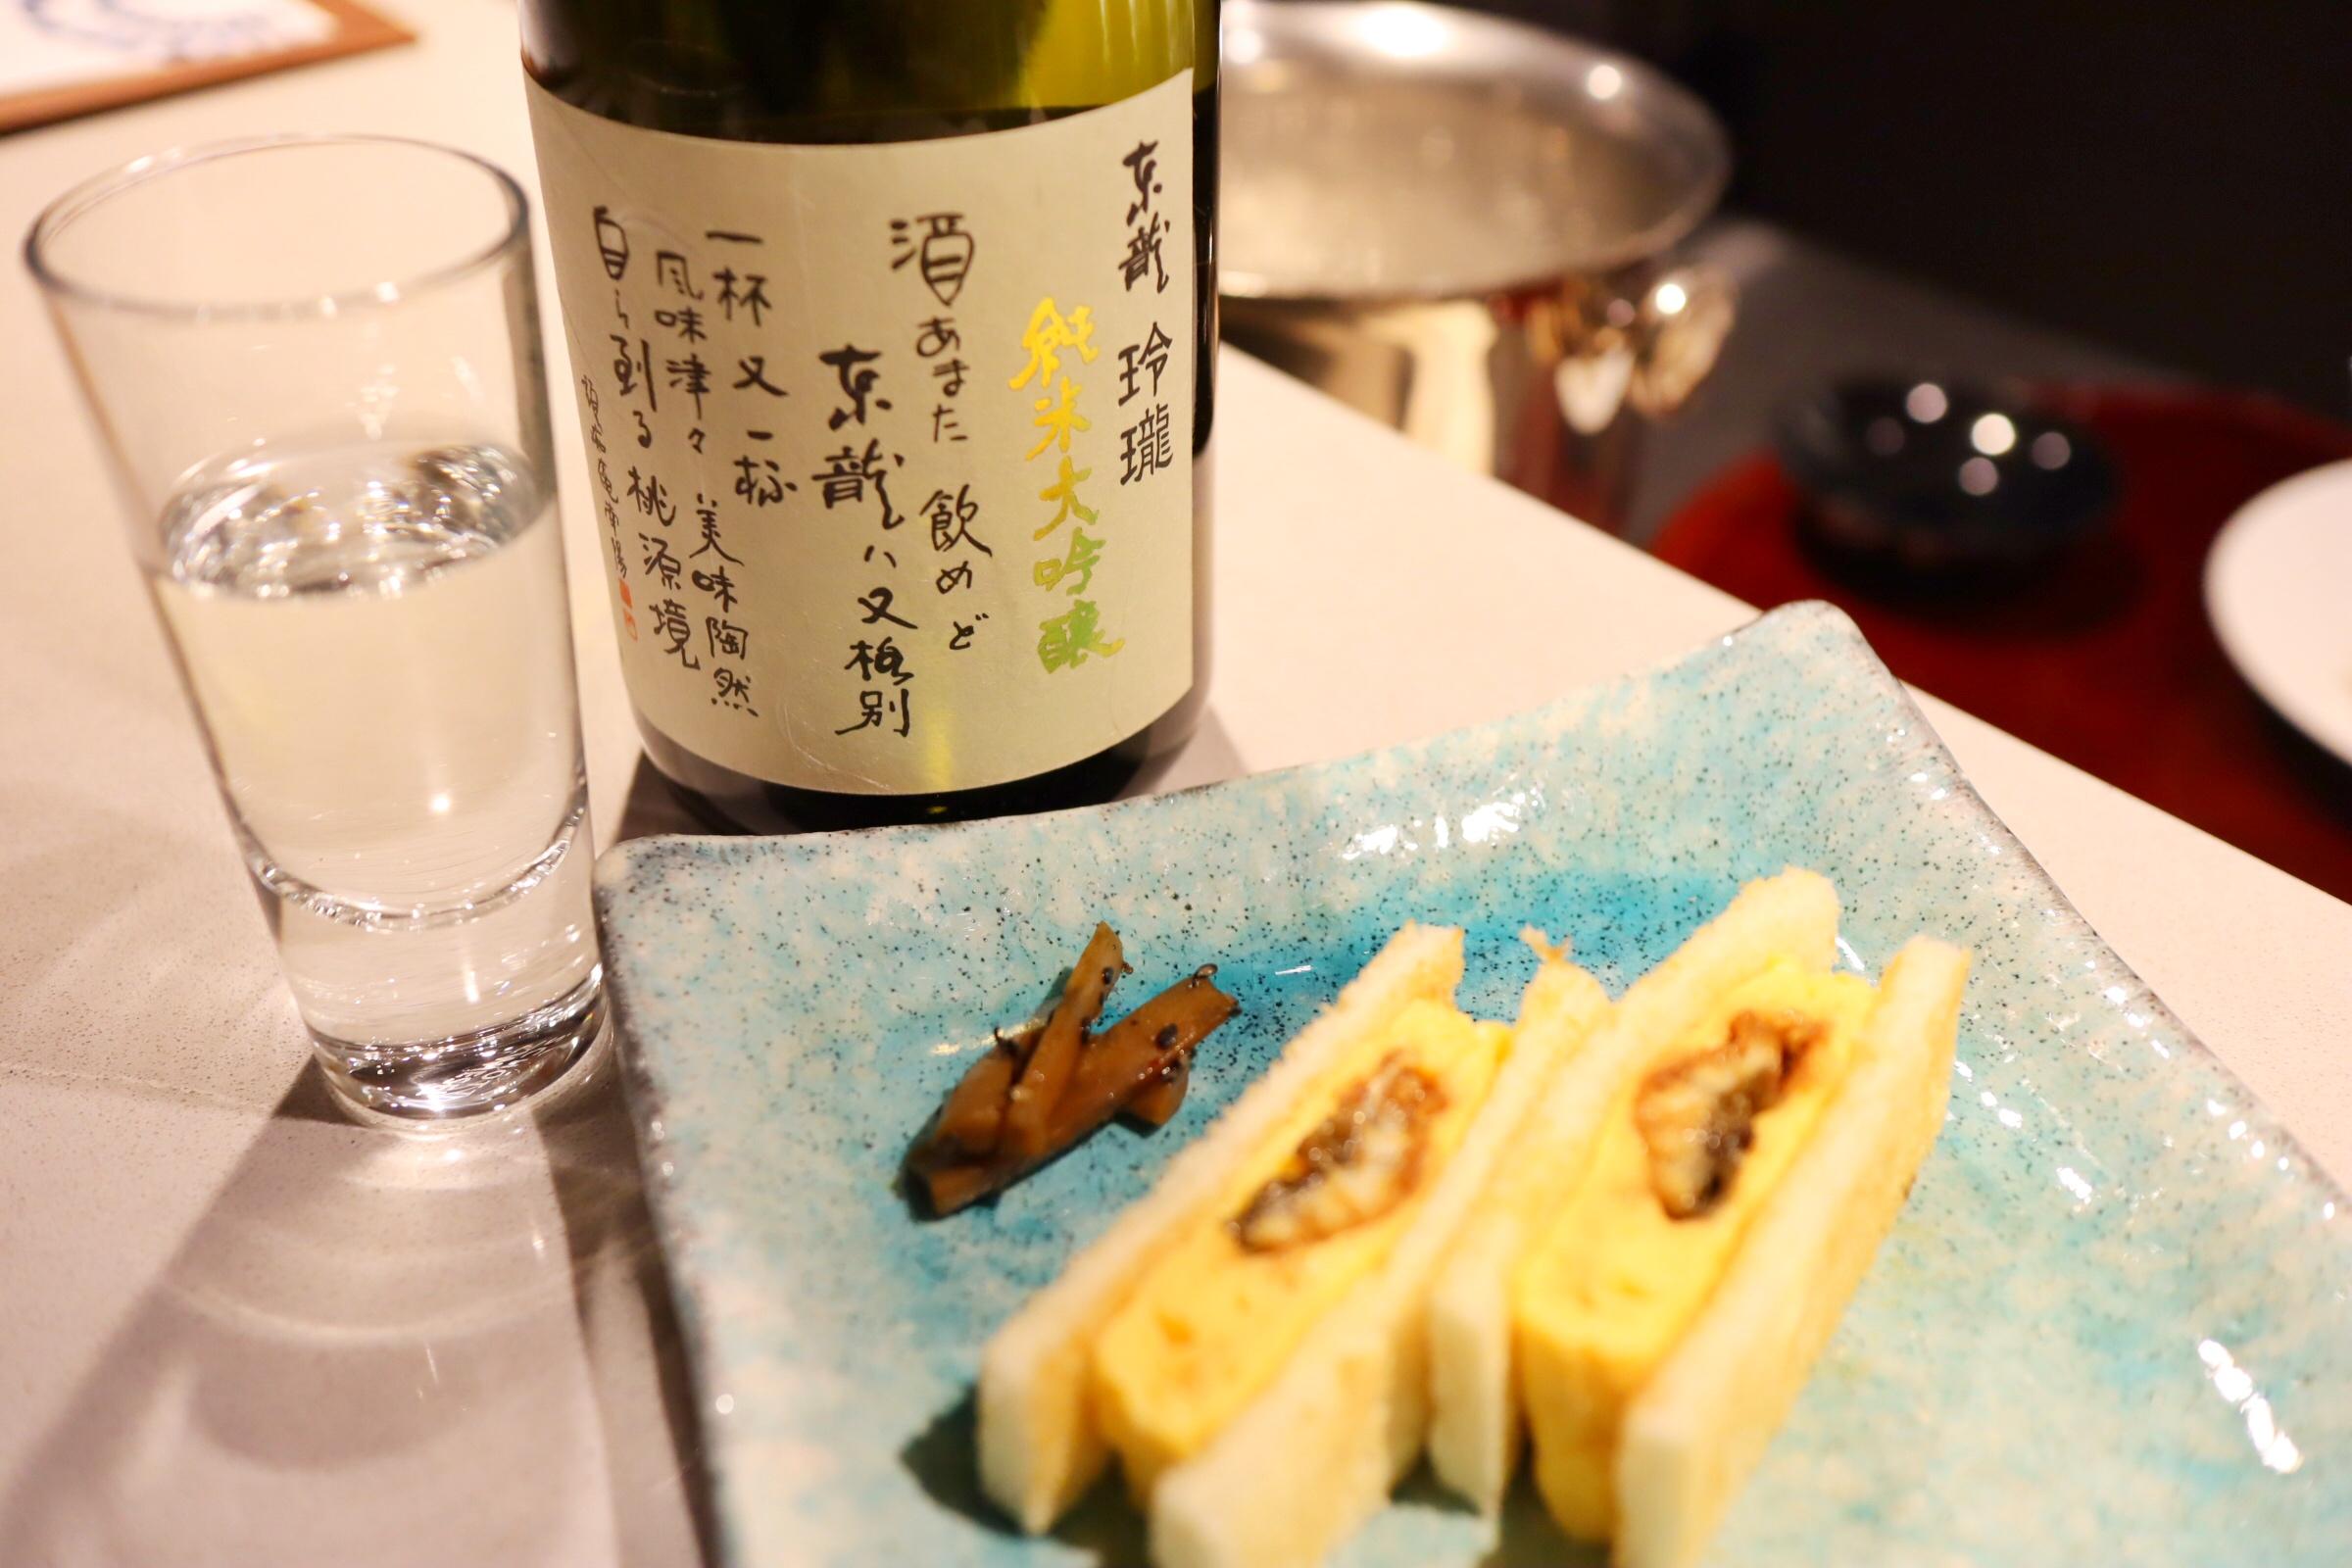 ヒルトン名古屋の日本料理「源氏」に酒バーがオープン!特選地酒と地元食材を使った創作和食とのペアリングを堪能できる - 8ef340d9ef3f5a9e213a87dc0ed45de2